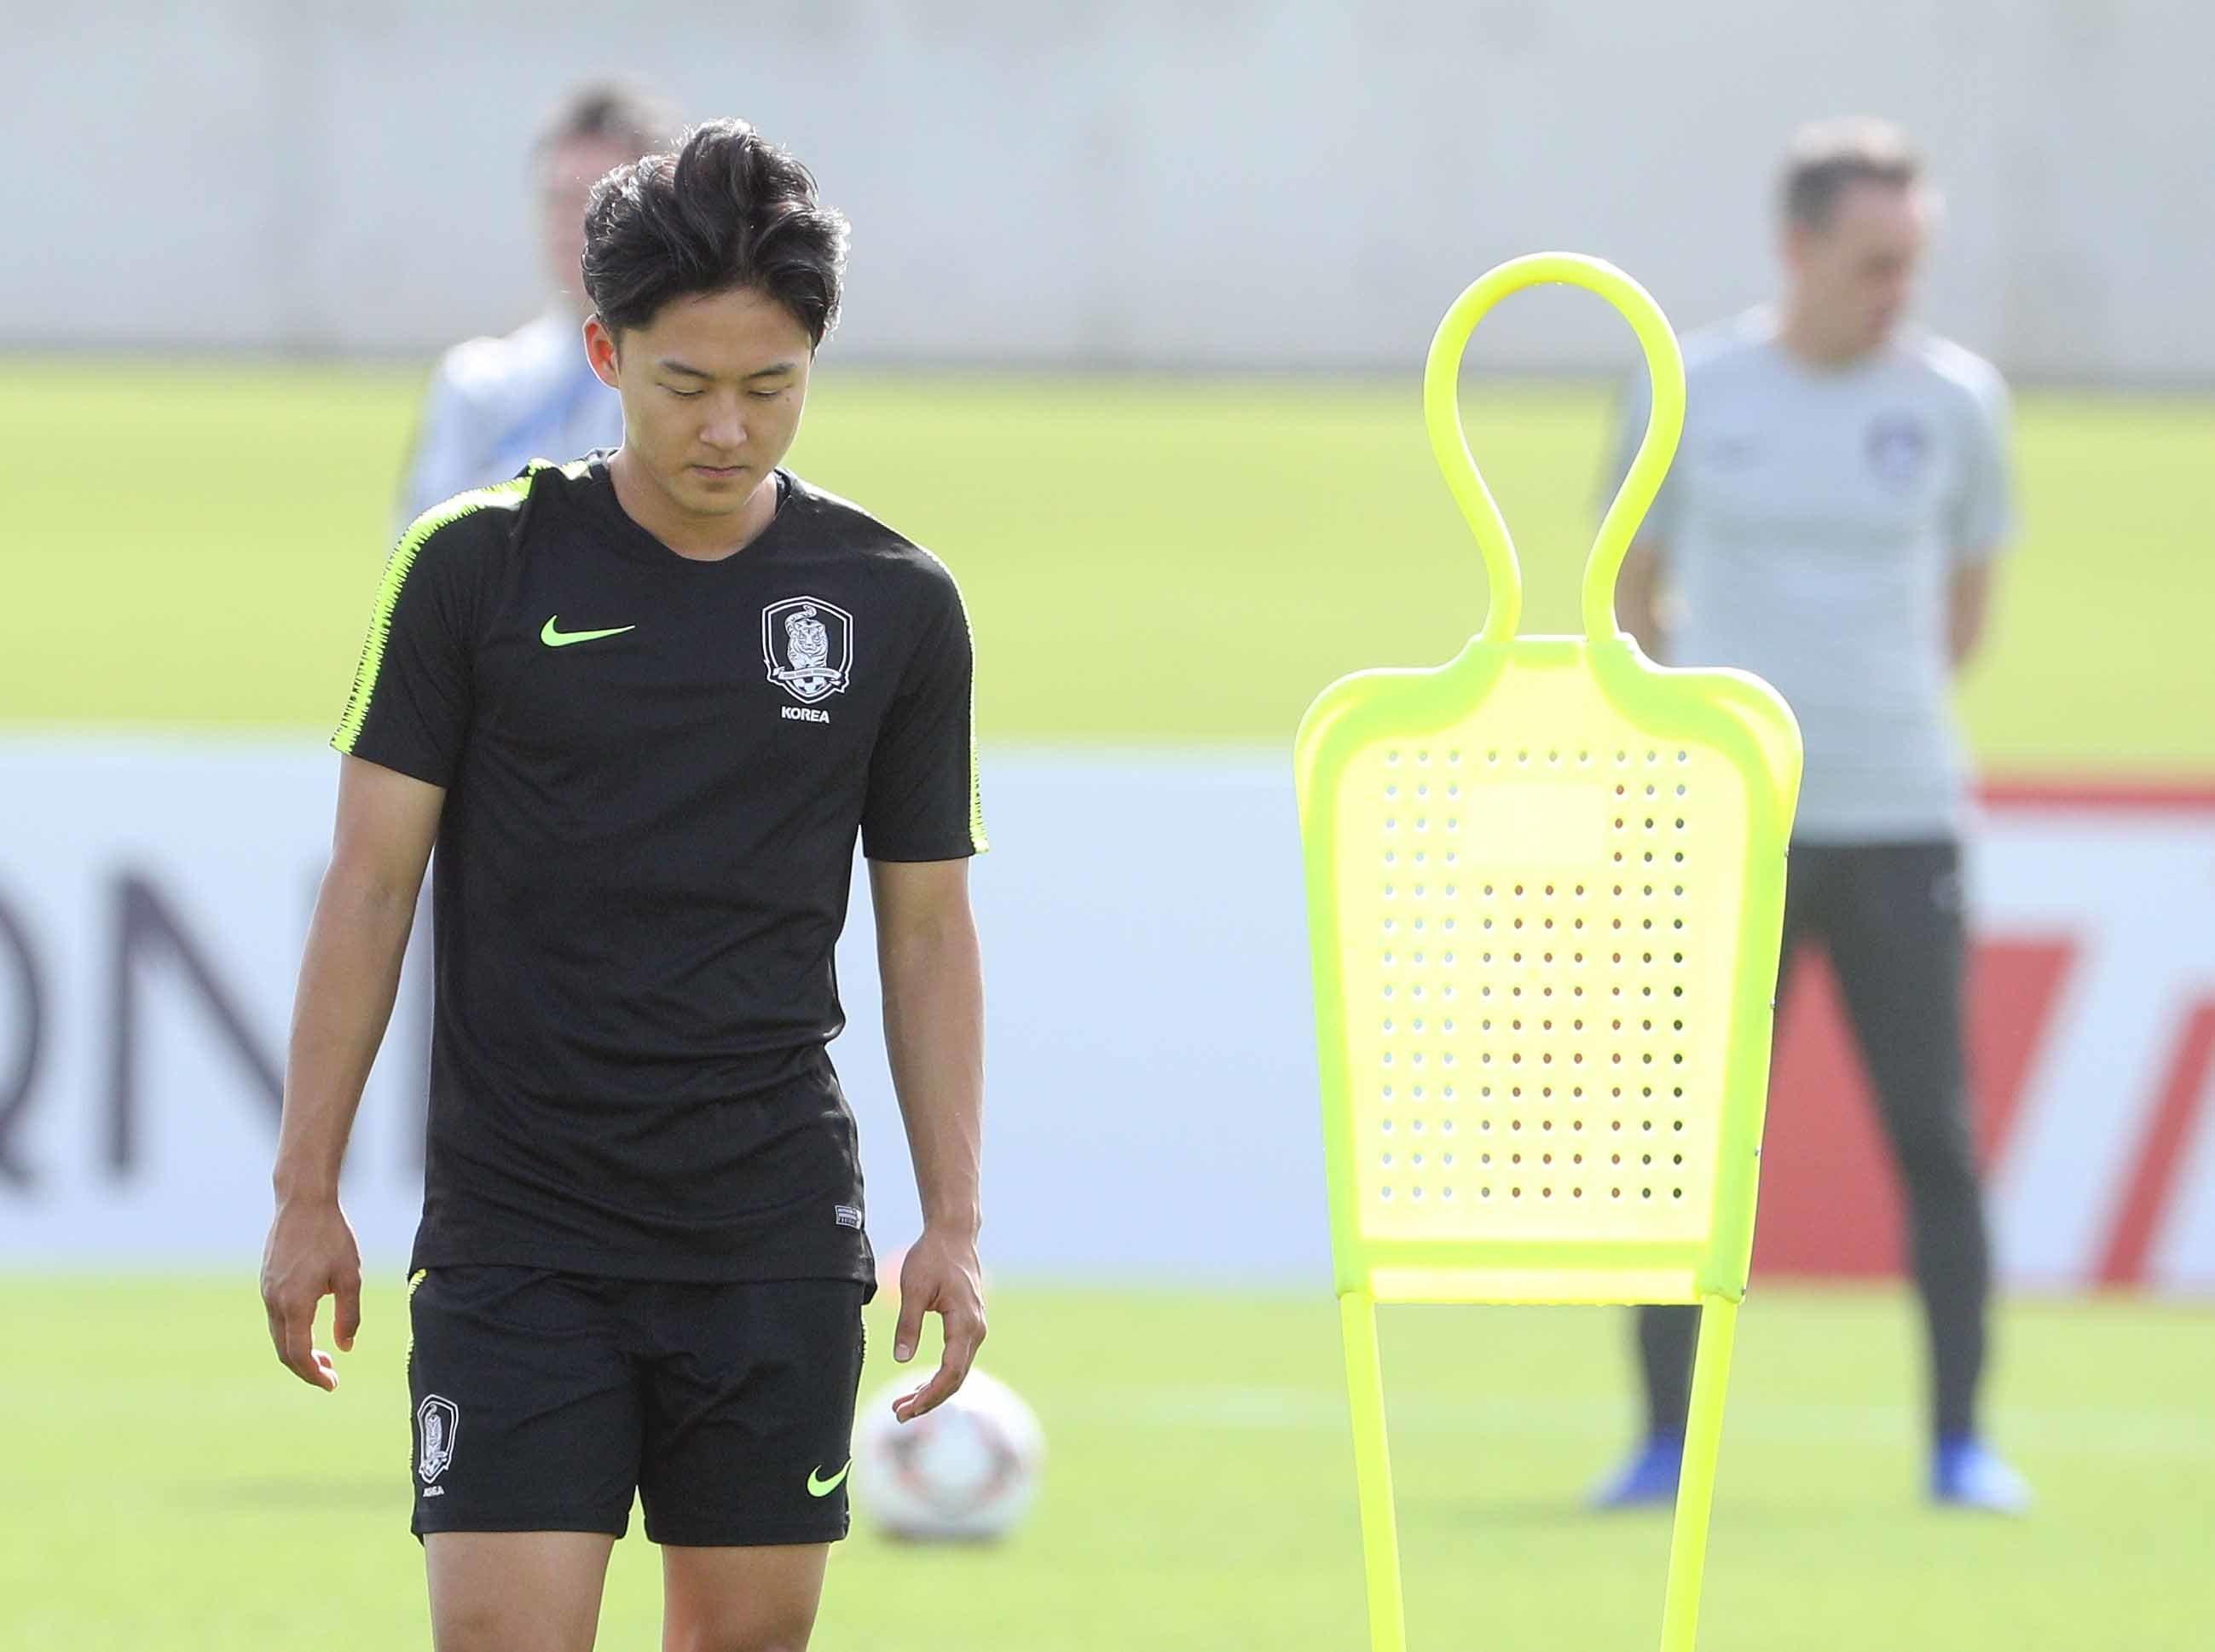 [아시안컵] '태도논란' 이승우 관련 질문에 파울루 벤투 감독이 한